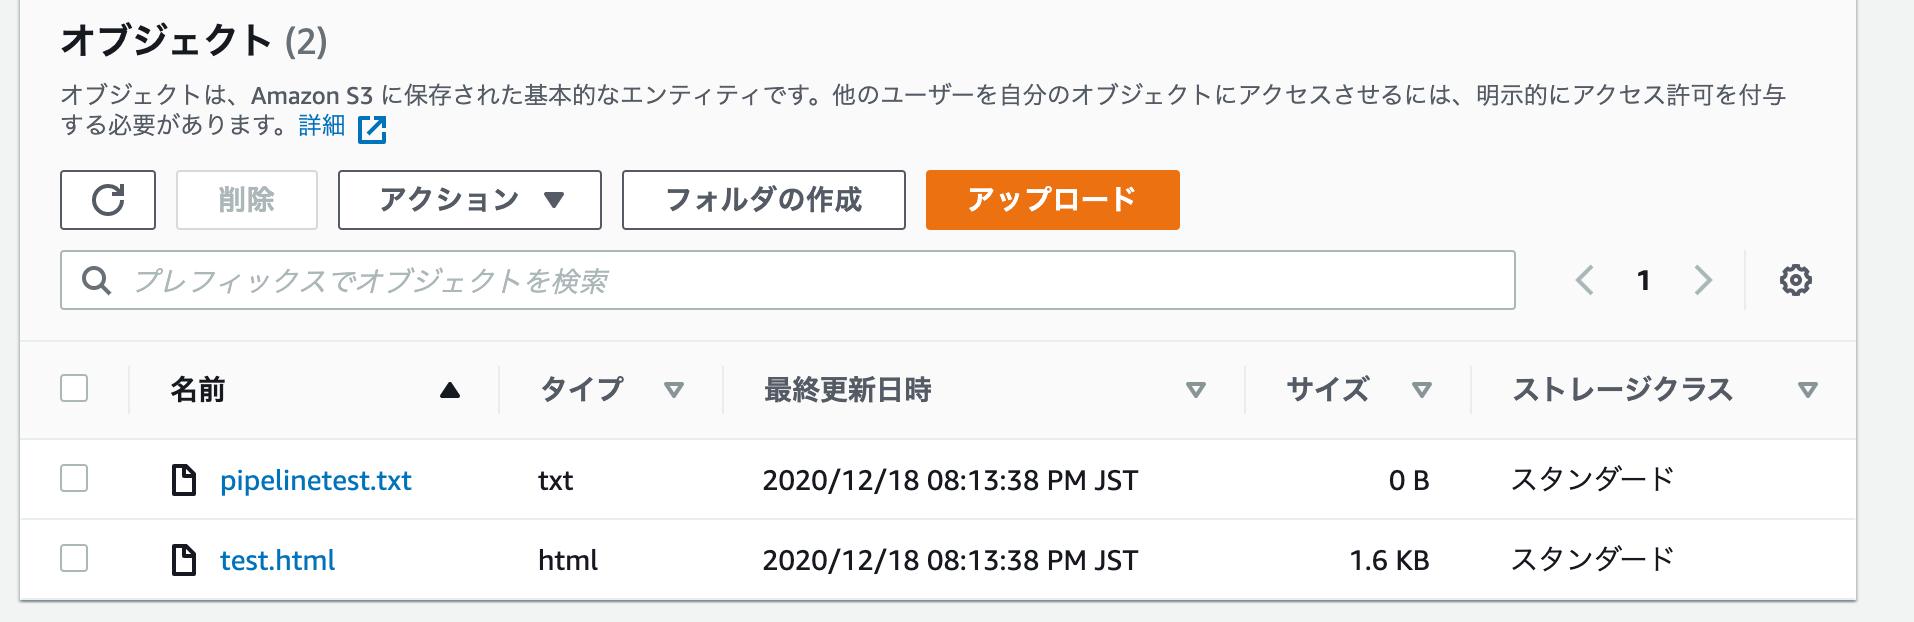 スクリーンショット 2020-12-18 20.14.00.png